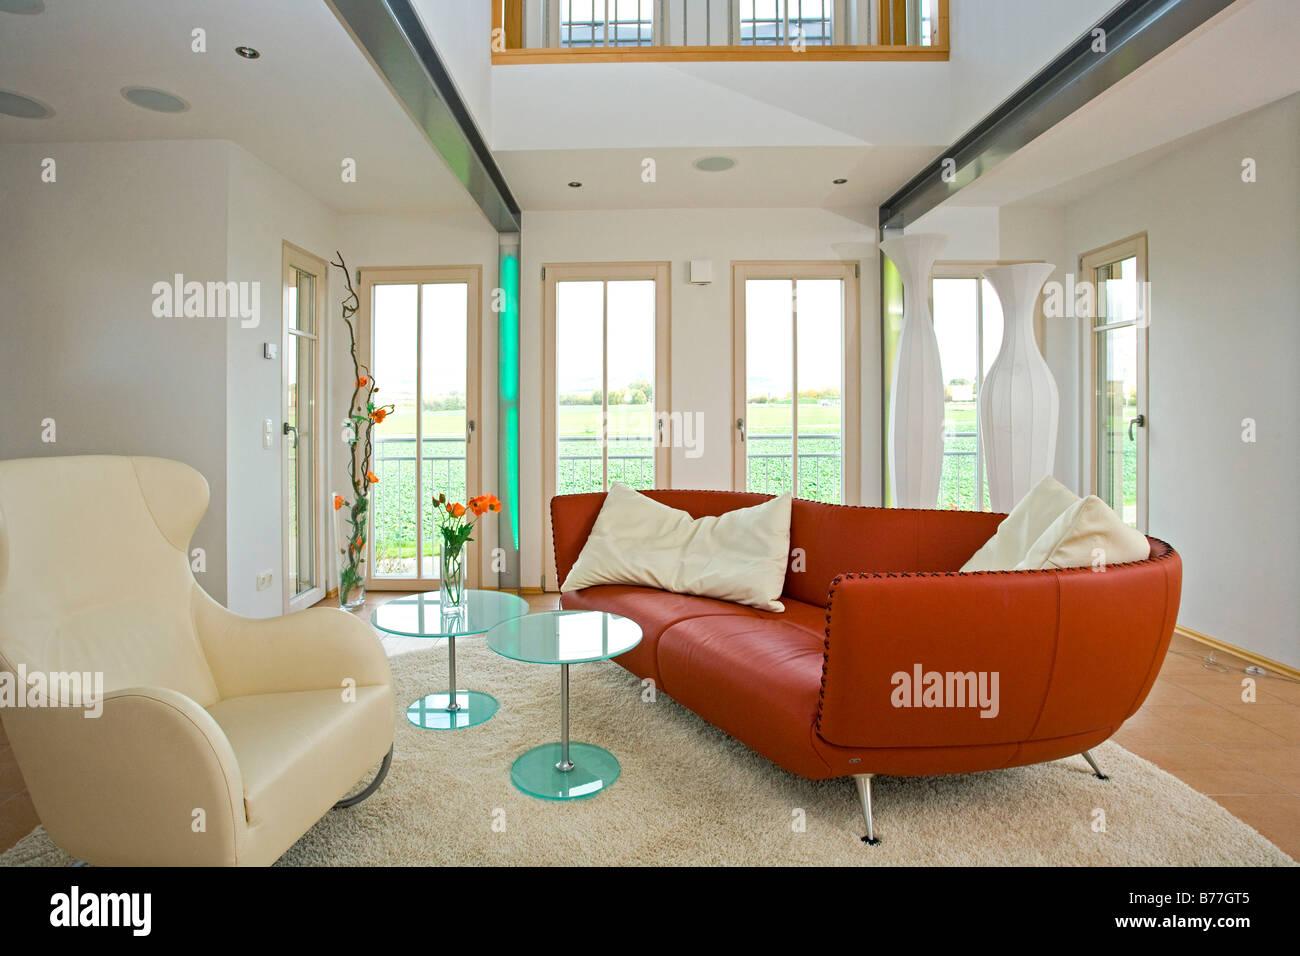 modernes wohnzimmer, modernes wohnzimmer, moderne wohnzimmer stockfoto, bild: 21679845, Design ideen